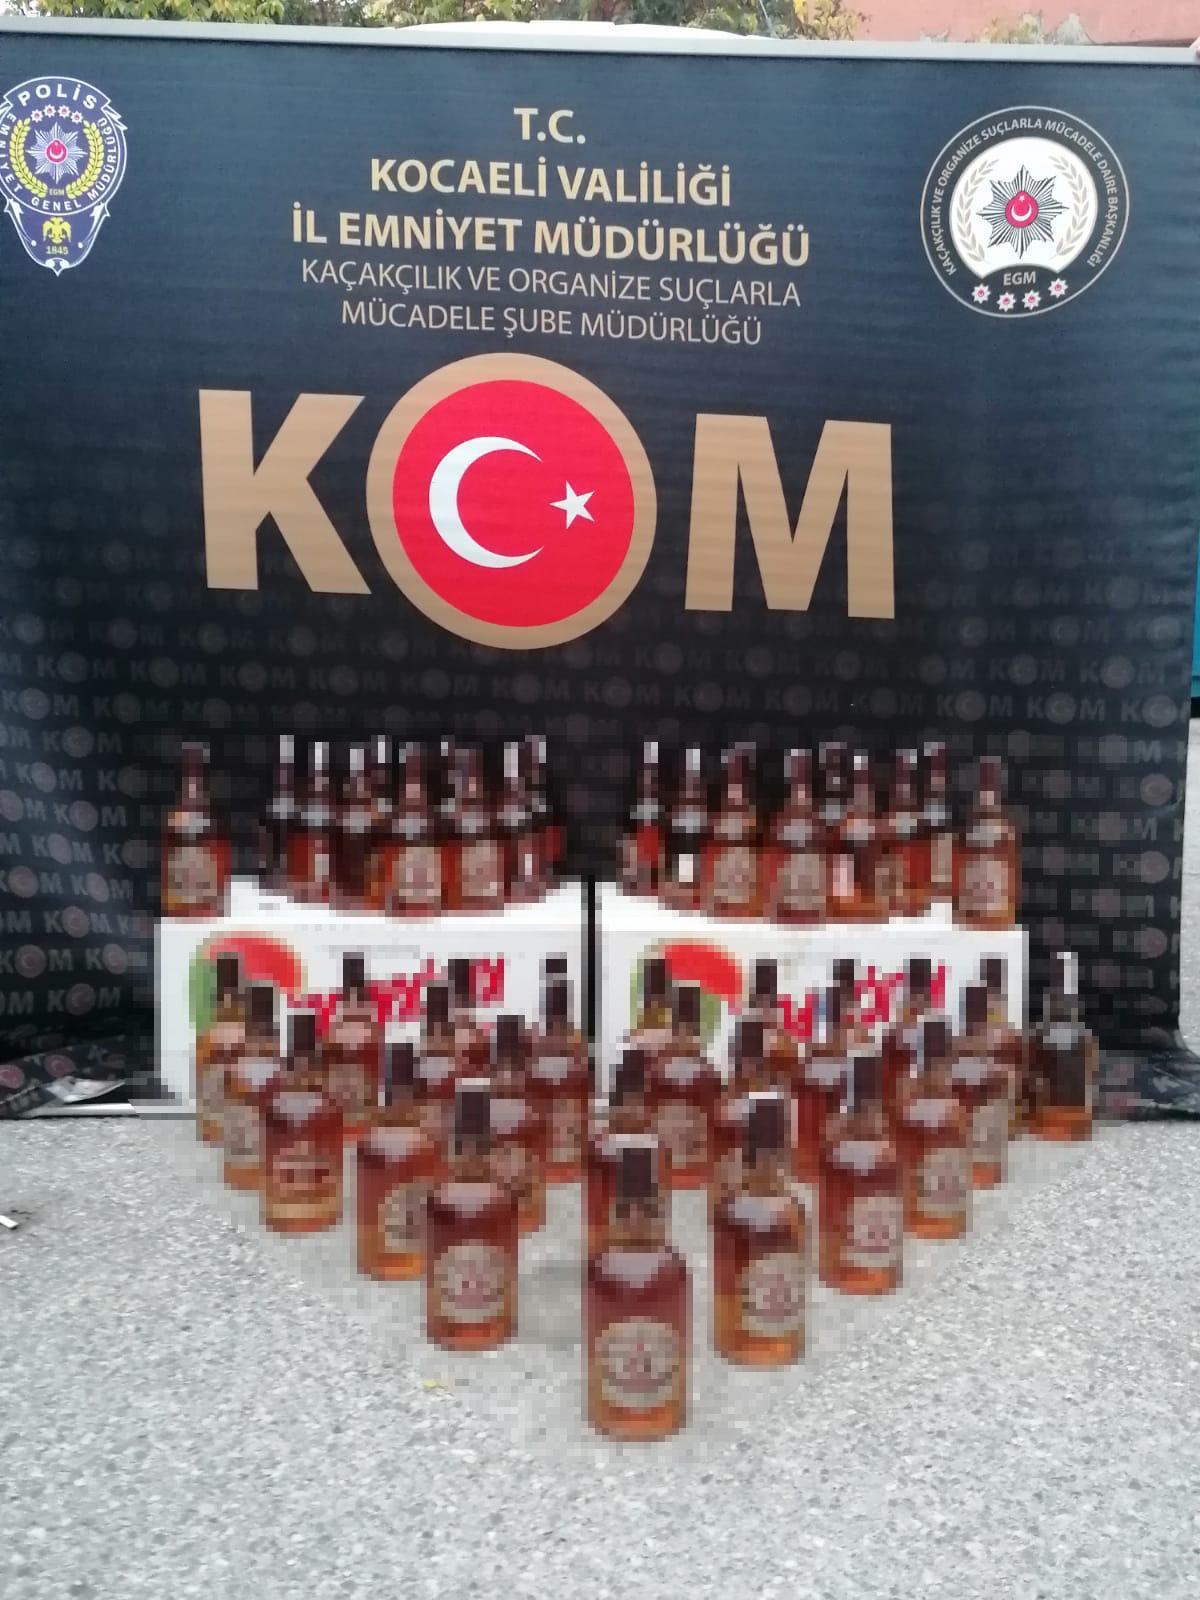 Kocaeli'de 225 litre sahte içki ele geçirildi